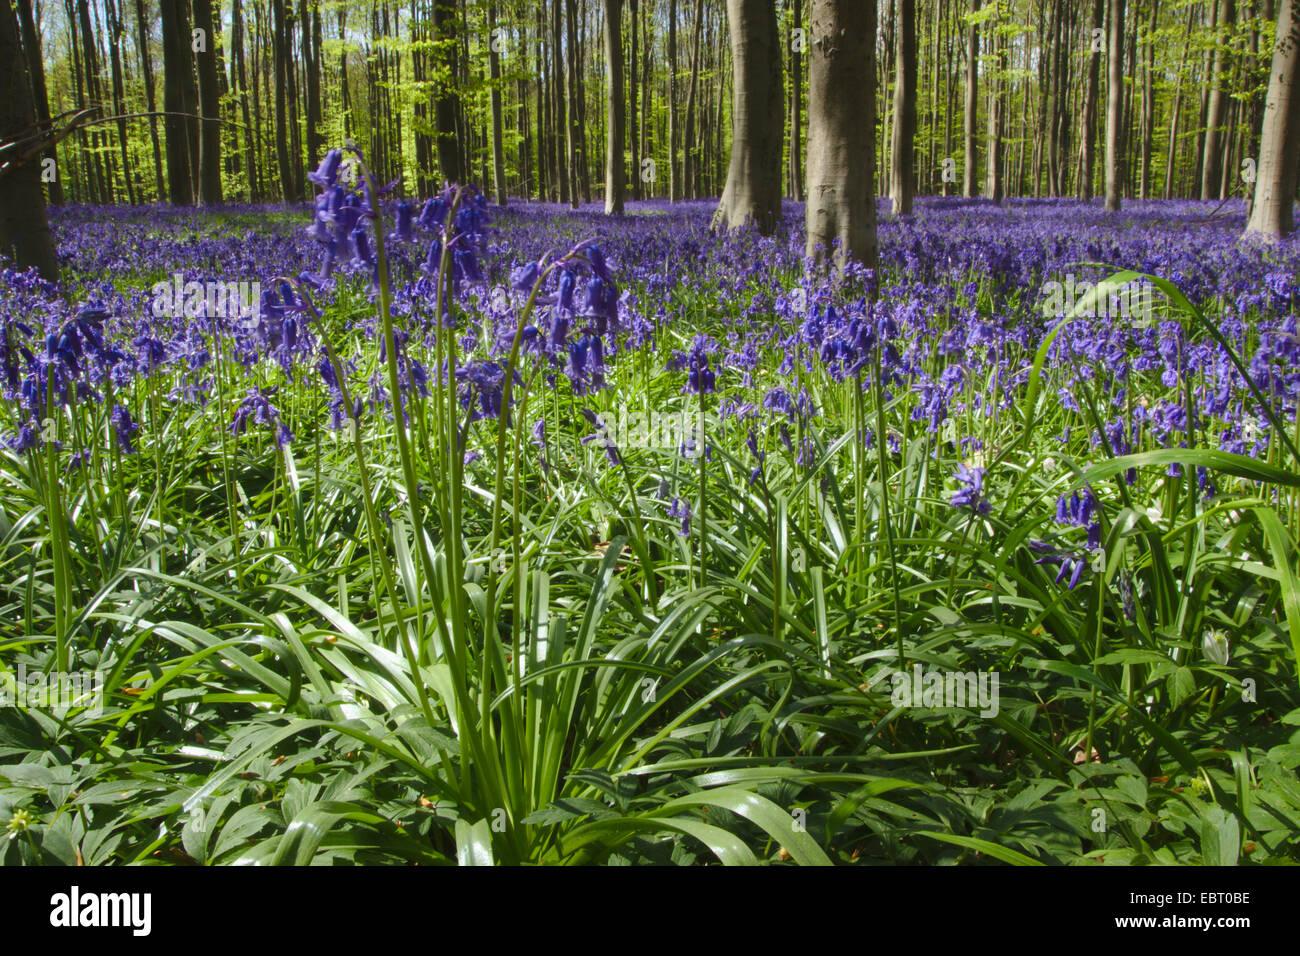 Atlantic bluebell (Hyacinthoides non-scripta, Endymion non-scriptus, Scilla non-scripta), spring forest with flowering - Stock Image